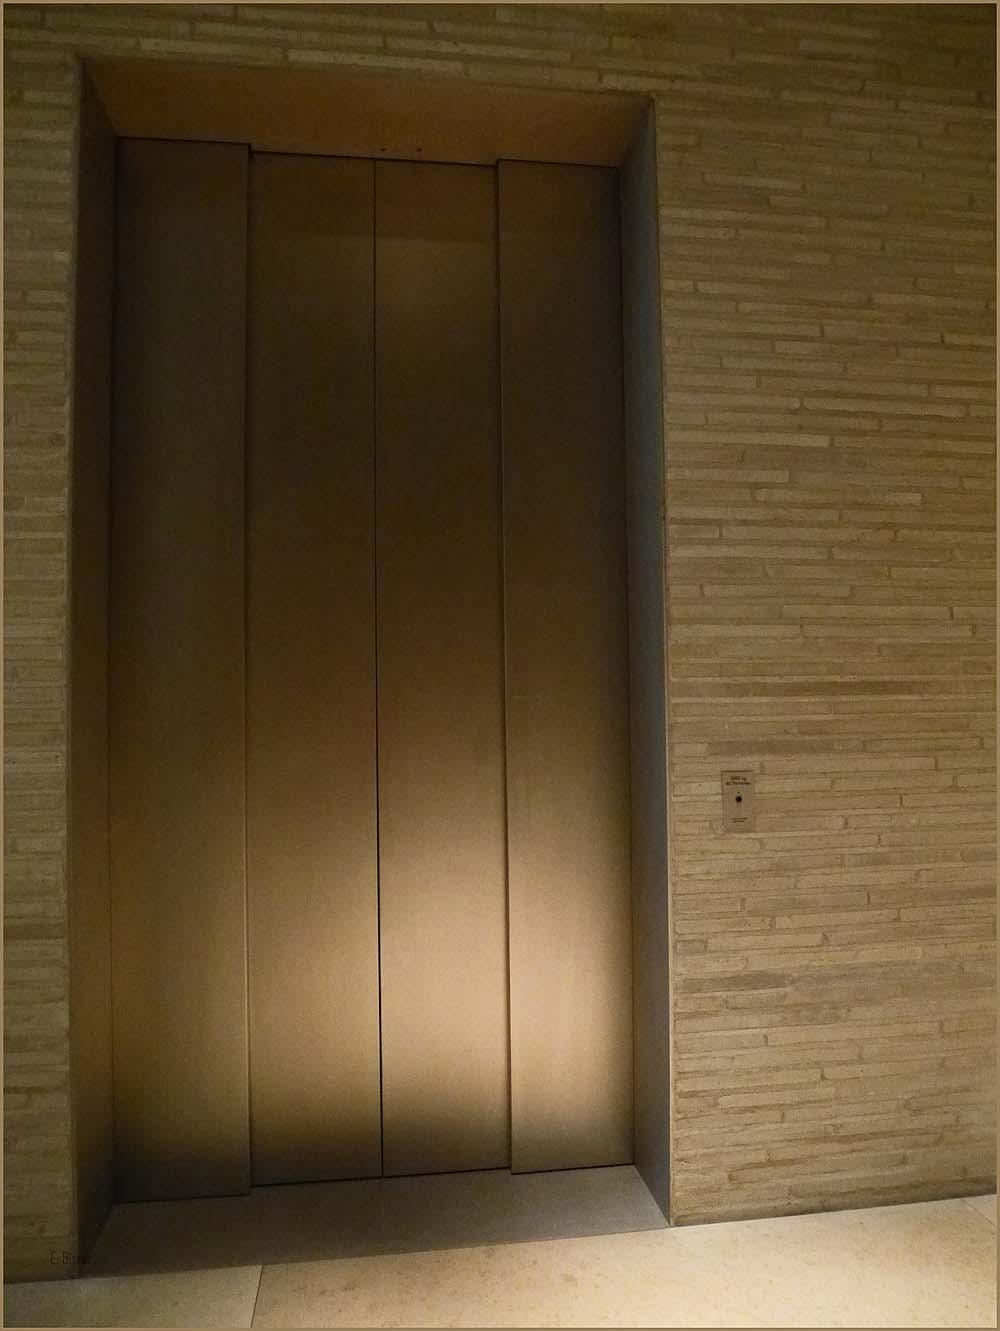 Und unten riesig hohe Aufzüge